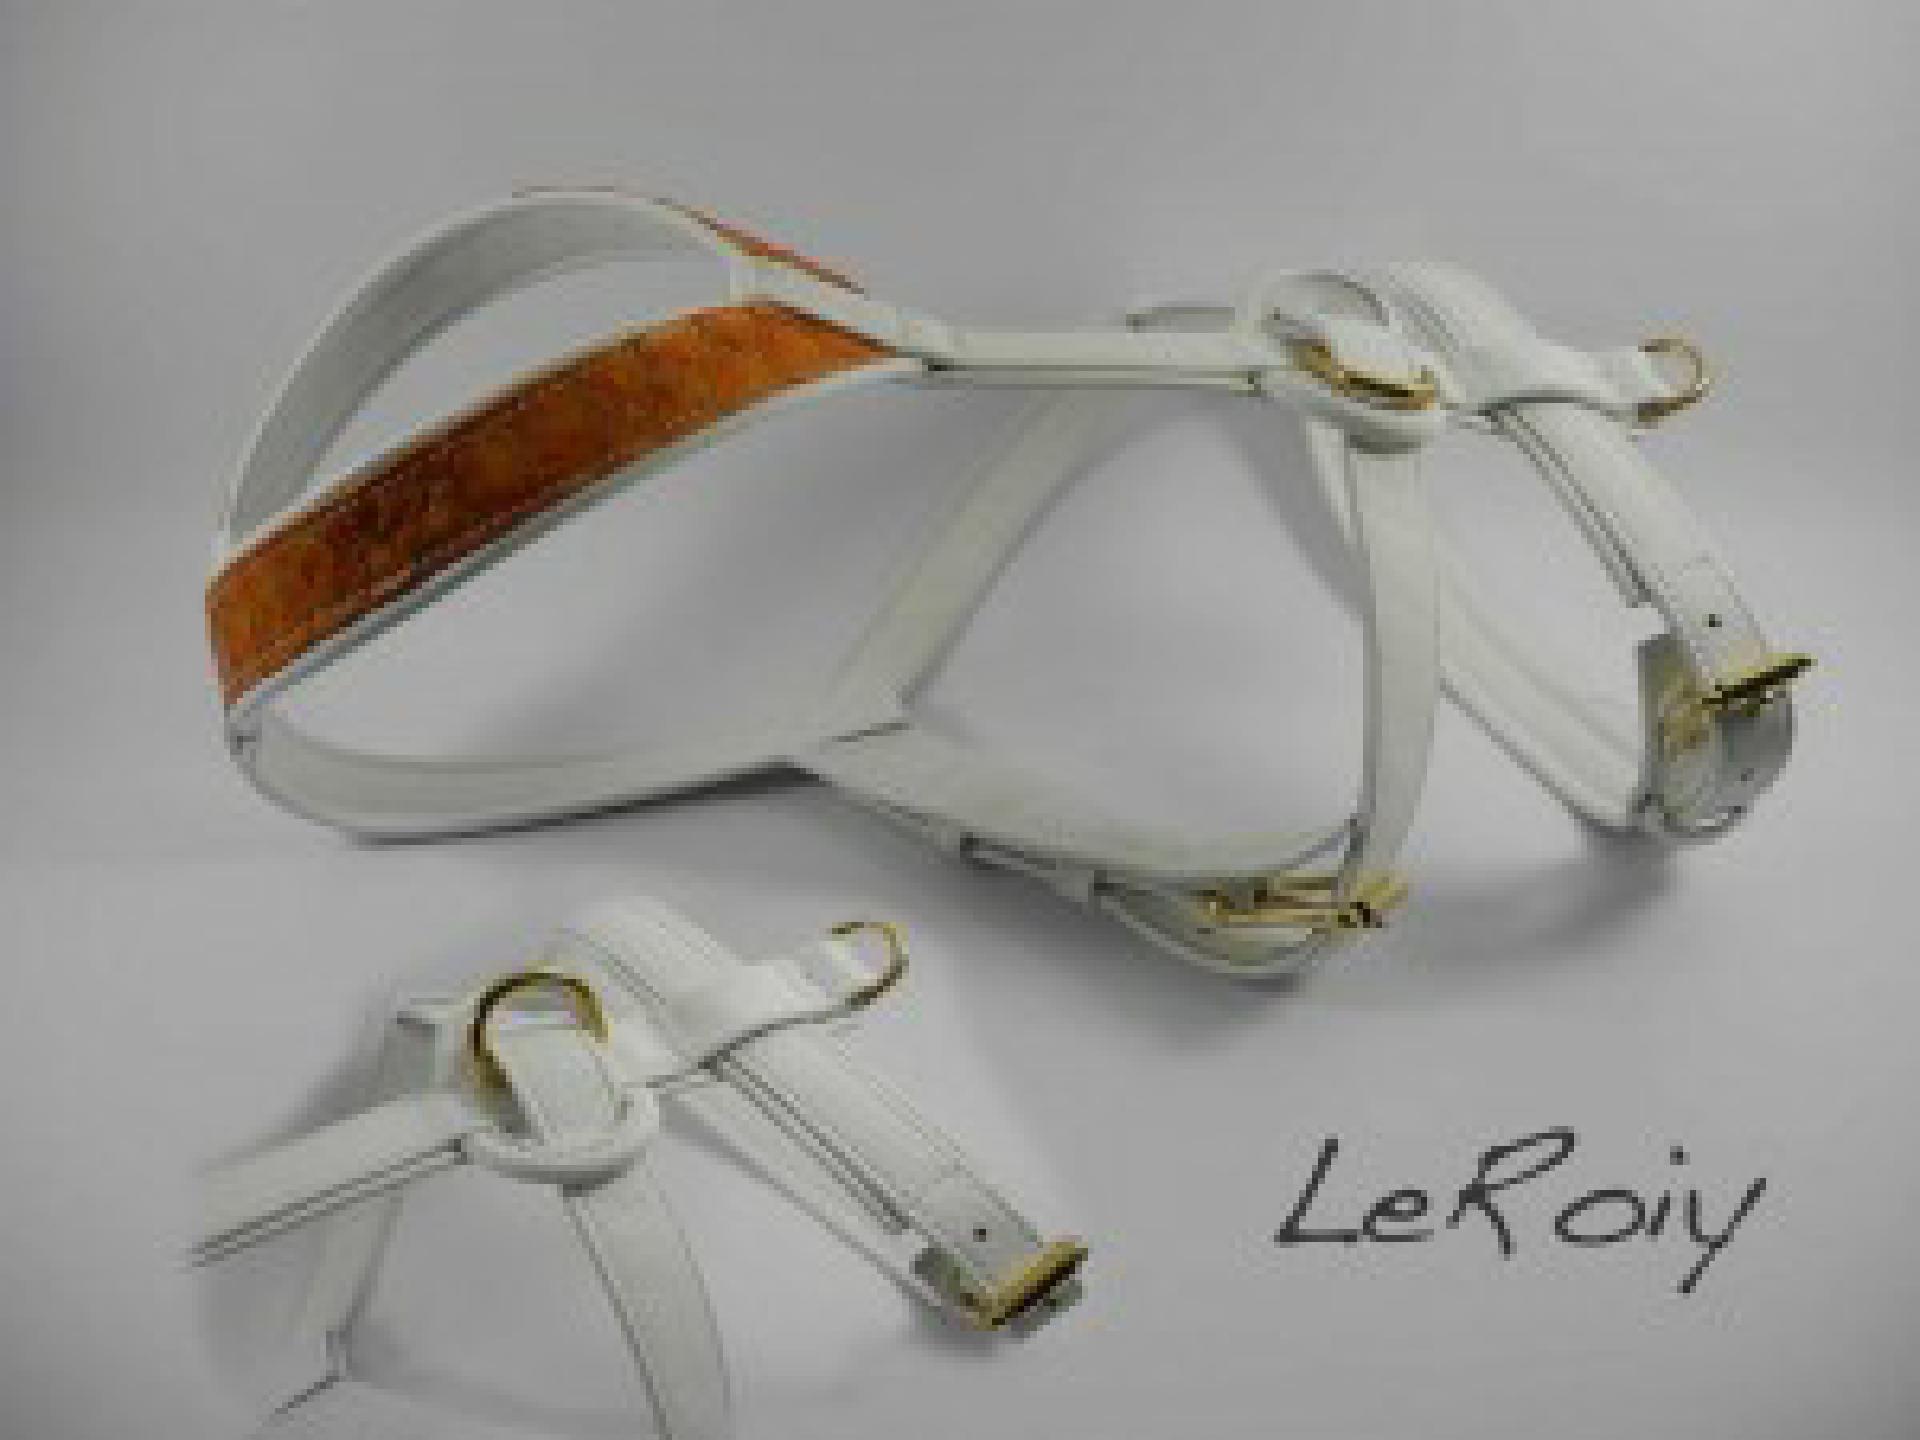 Geschirr aus weißem Leder und orangener Papageifischhaut